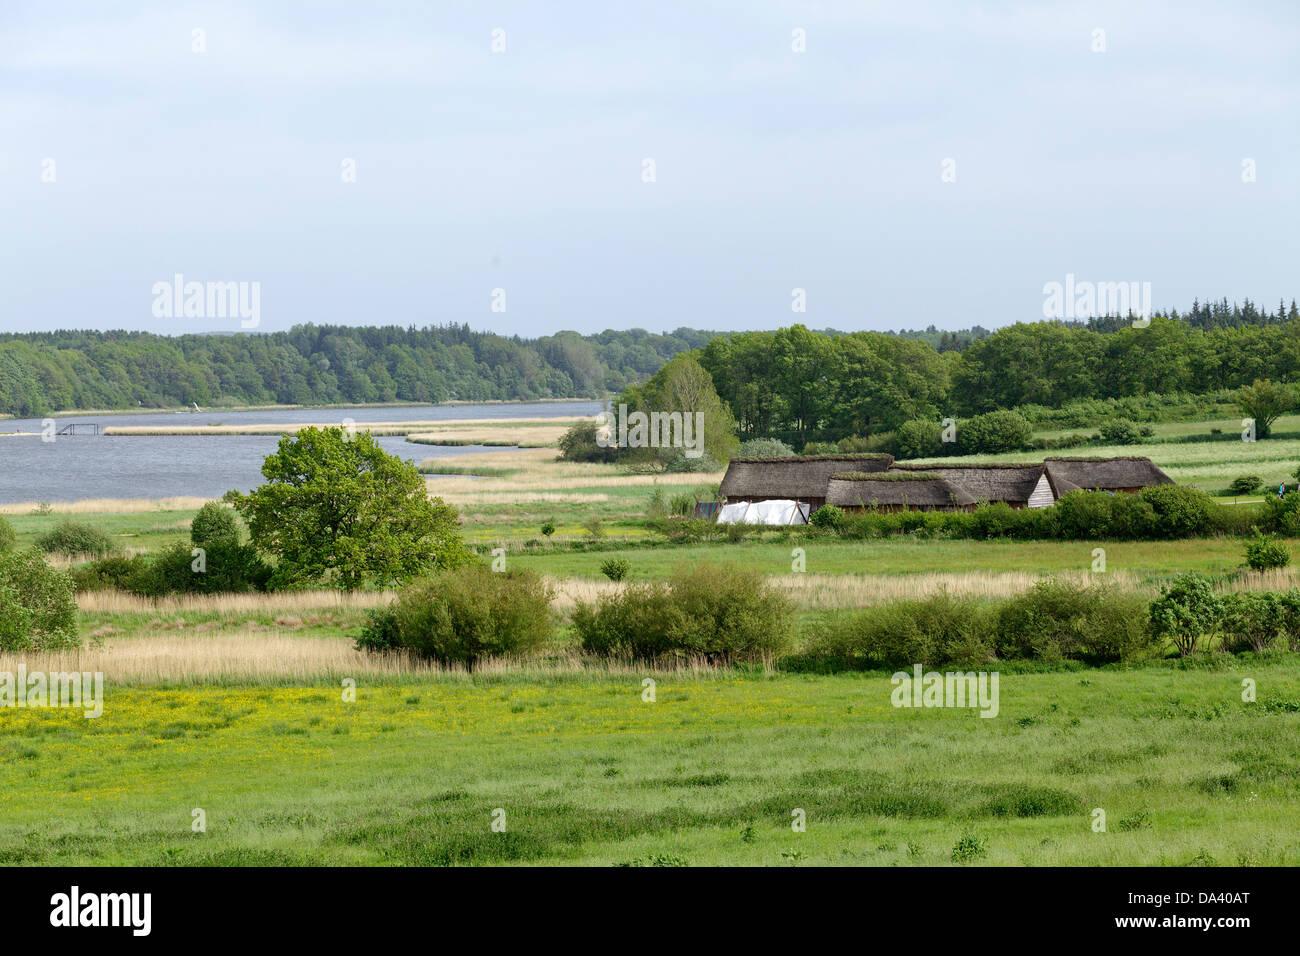 Viking Houses, Haithabu, Schlei, Schleswig-Holstein, Germany - Stock Image